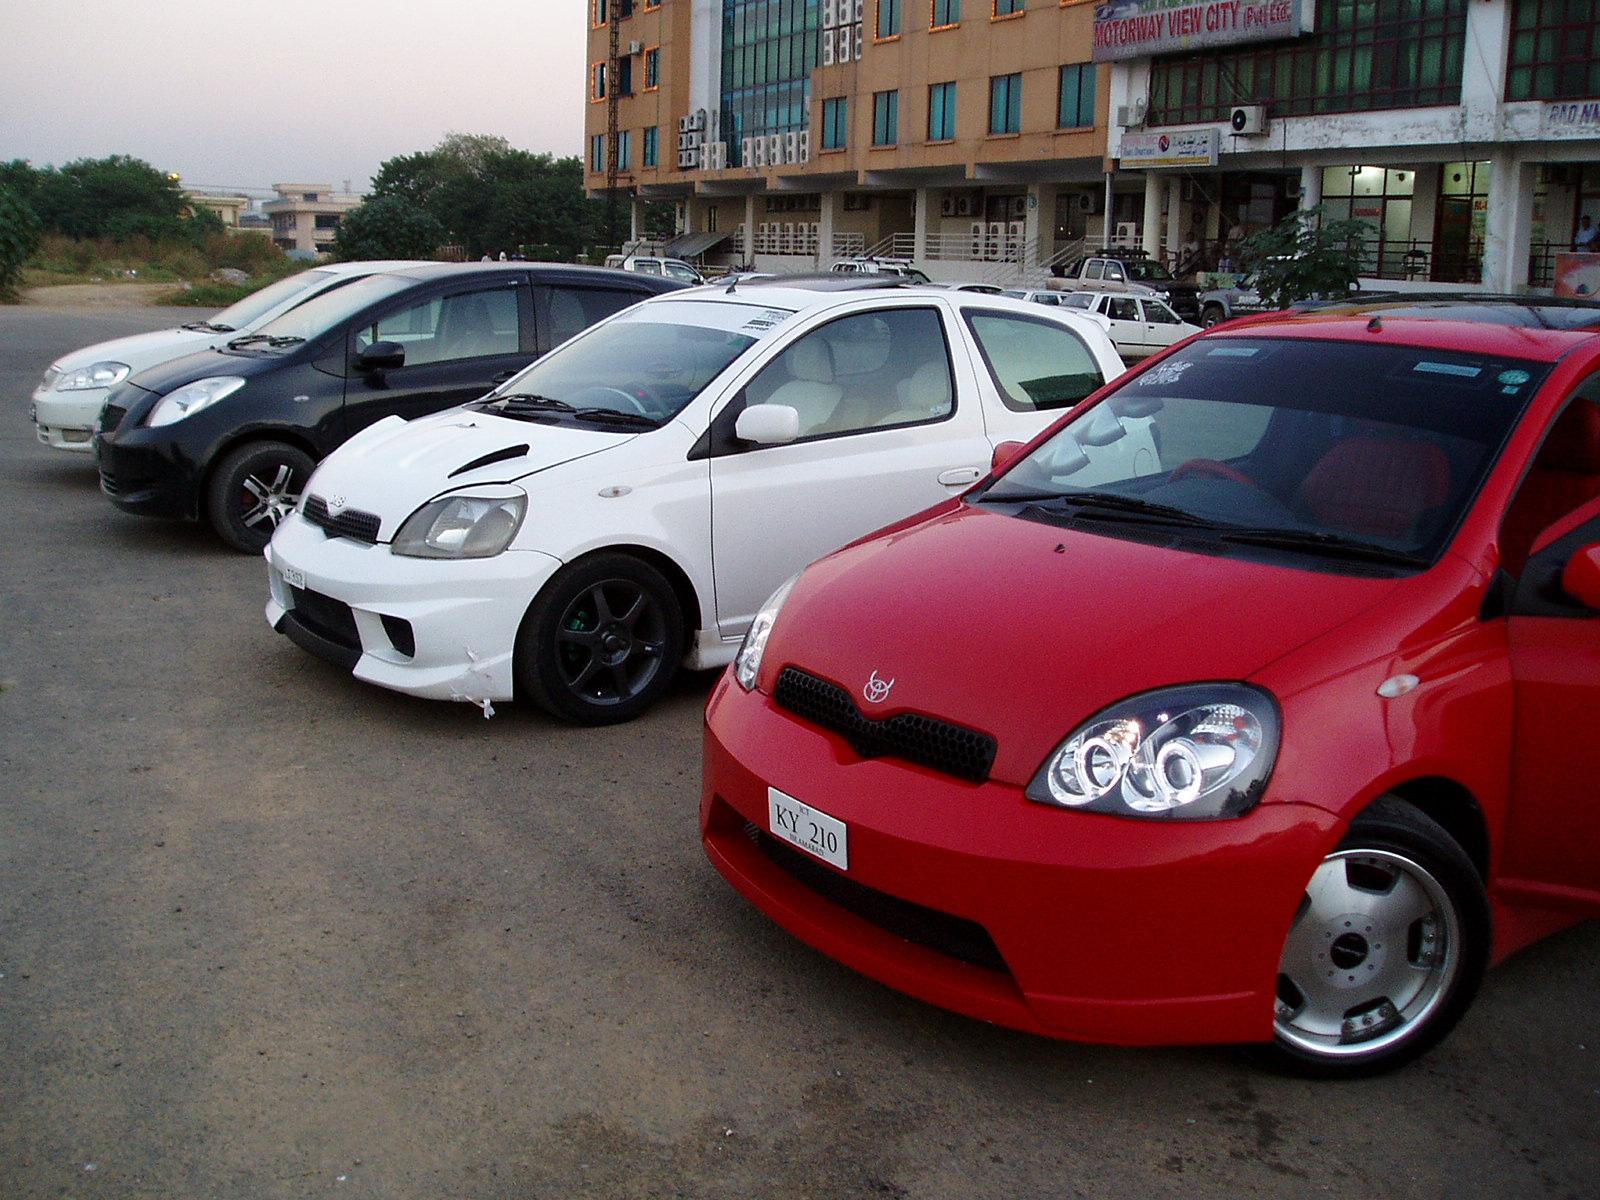 Ccx Car Wallpaper Toyota Vitz Car Models